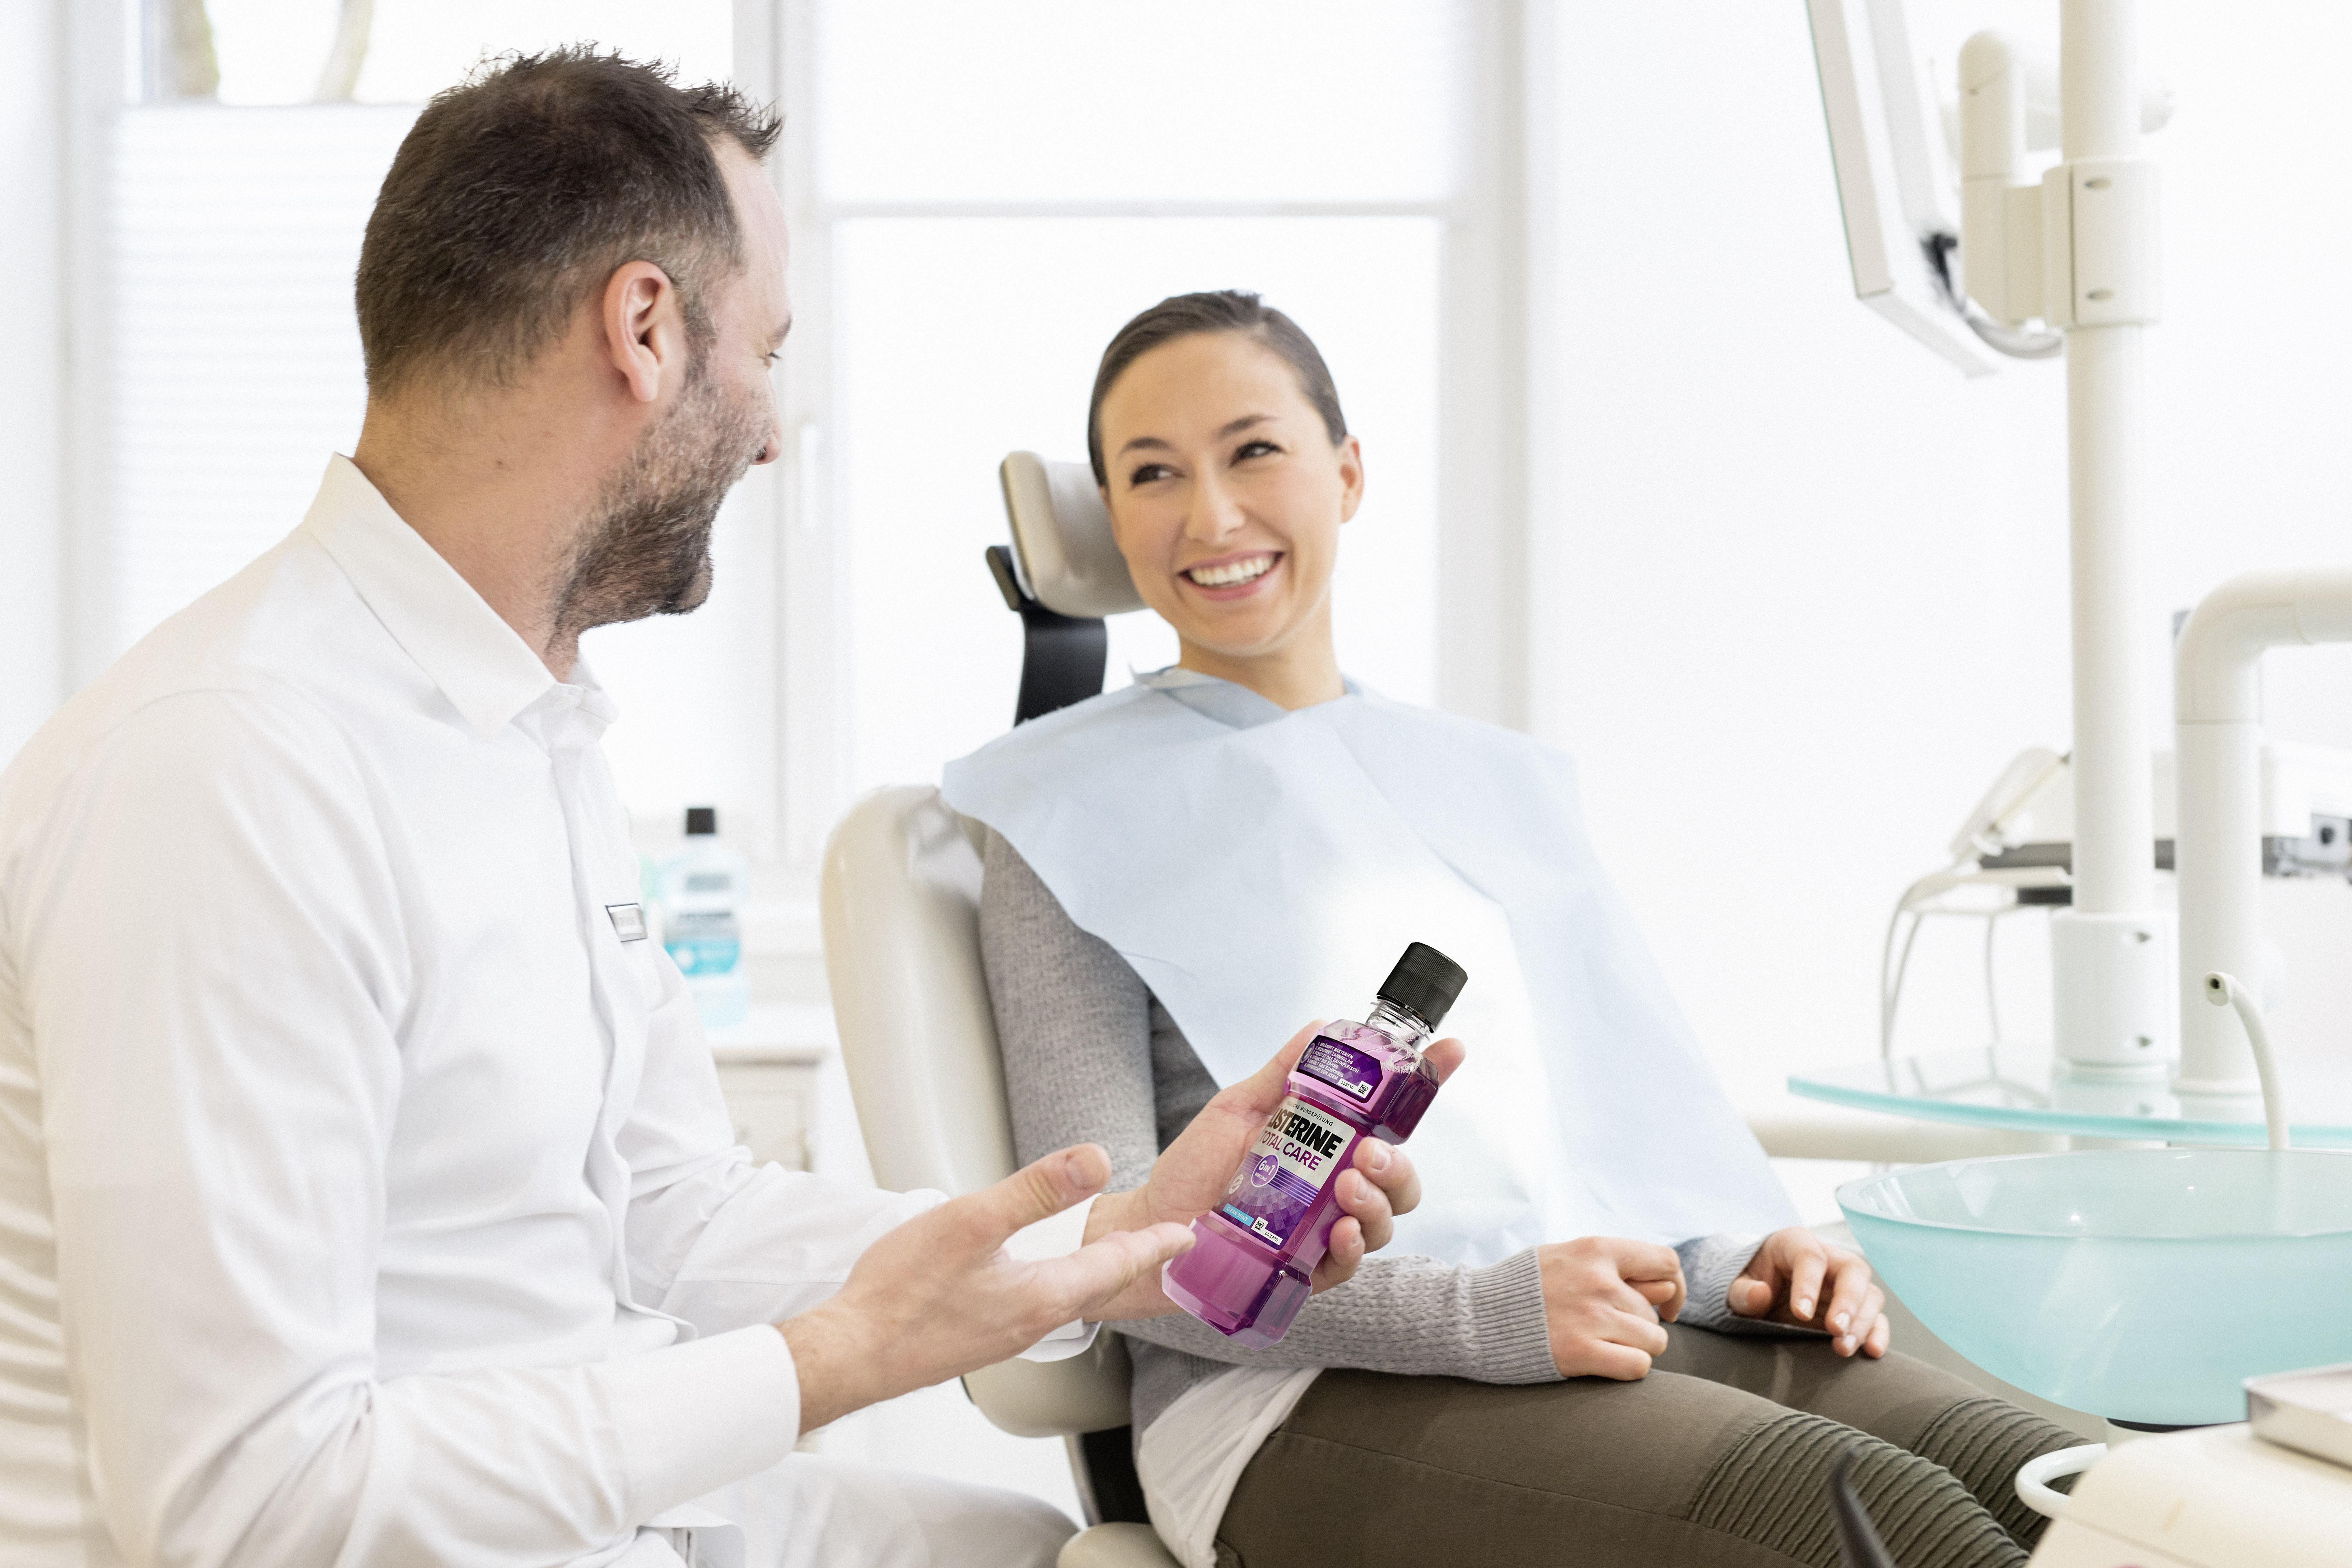 Regelmäßige orale Prophylaxe beugt Mund- und Zahnerkrankungen vor